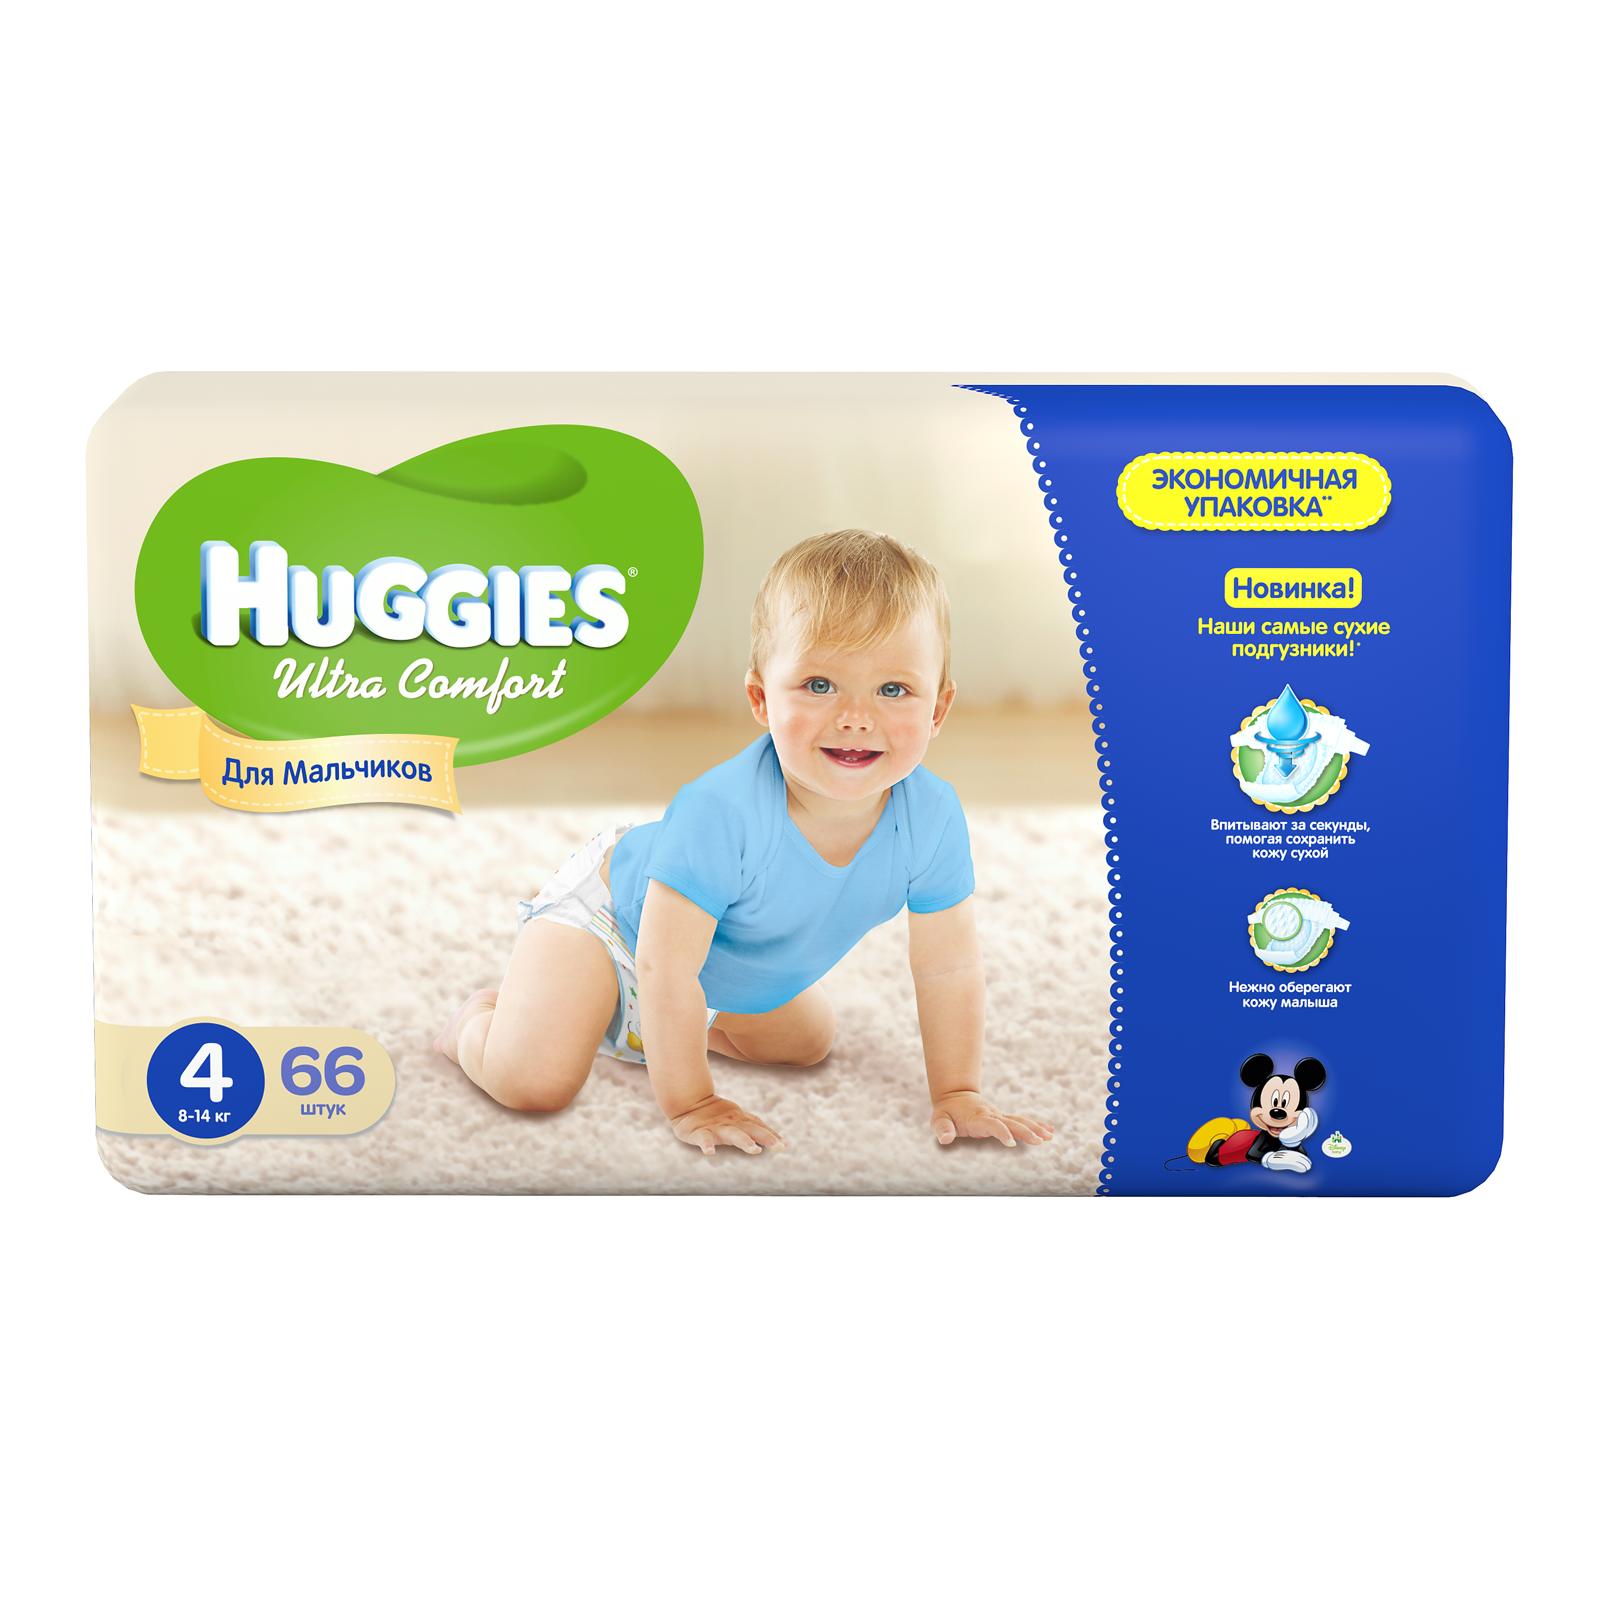 Подгузники Huggies Ultra Comfort Mega Pack для мальчиков 8-14 кг (66 шт) Размер 4